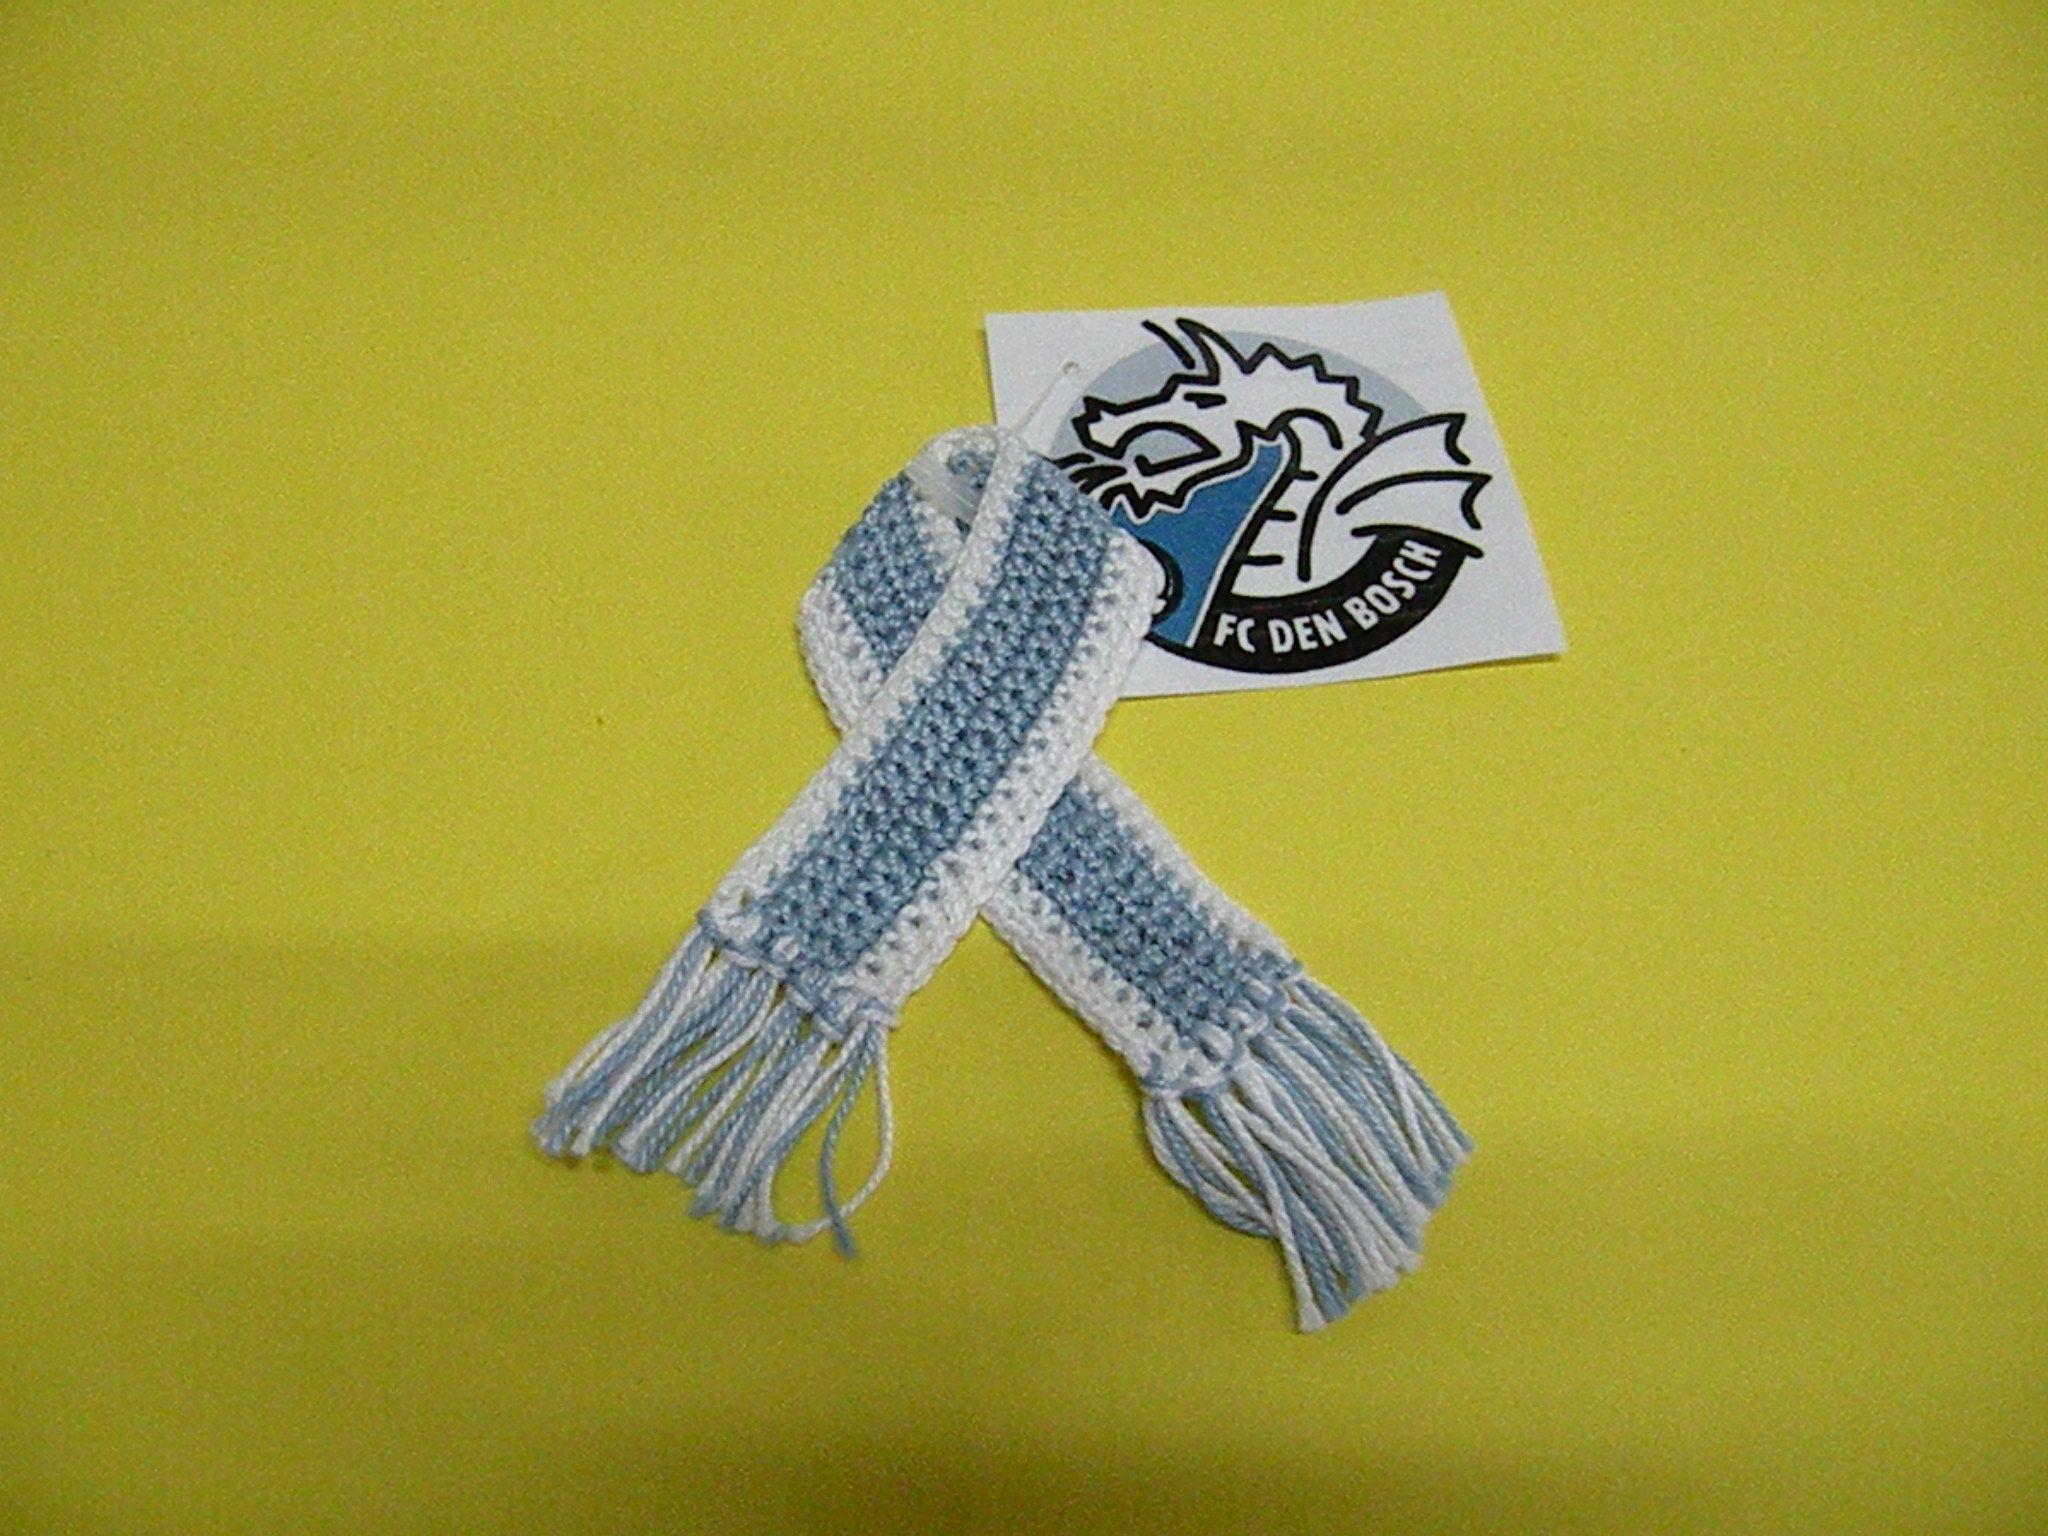 Voetbalsjaaltje Miniatuur Gehaakt Voetbal Pinterest Voetbal En